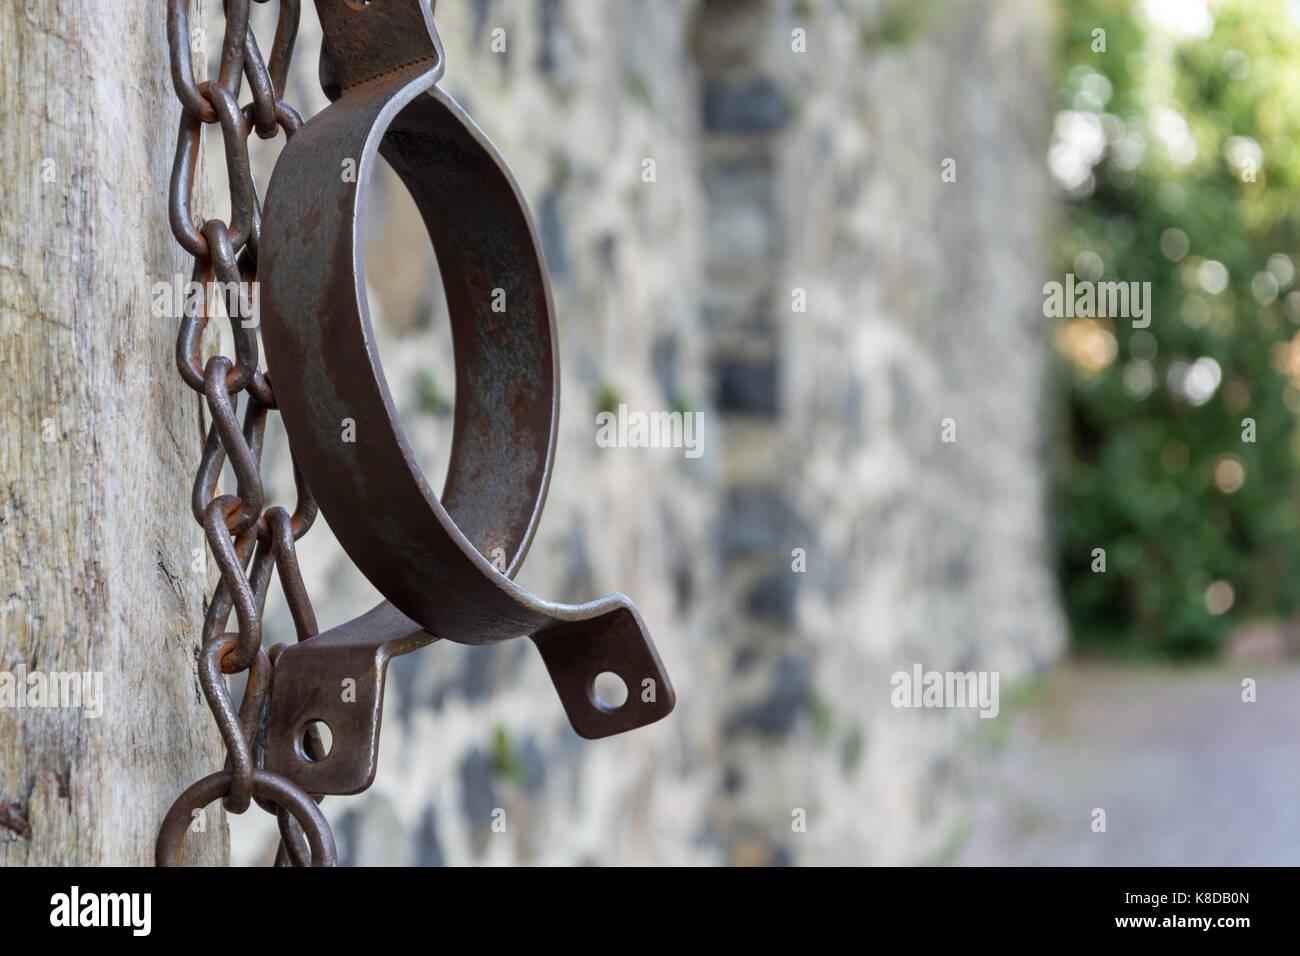 shackles prisoner stockfotos shackles prisoner bilder. Black Bedroom Furniture Sets. Home Design Ideas